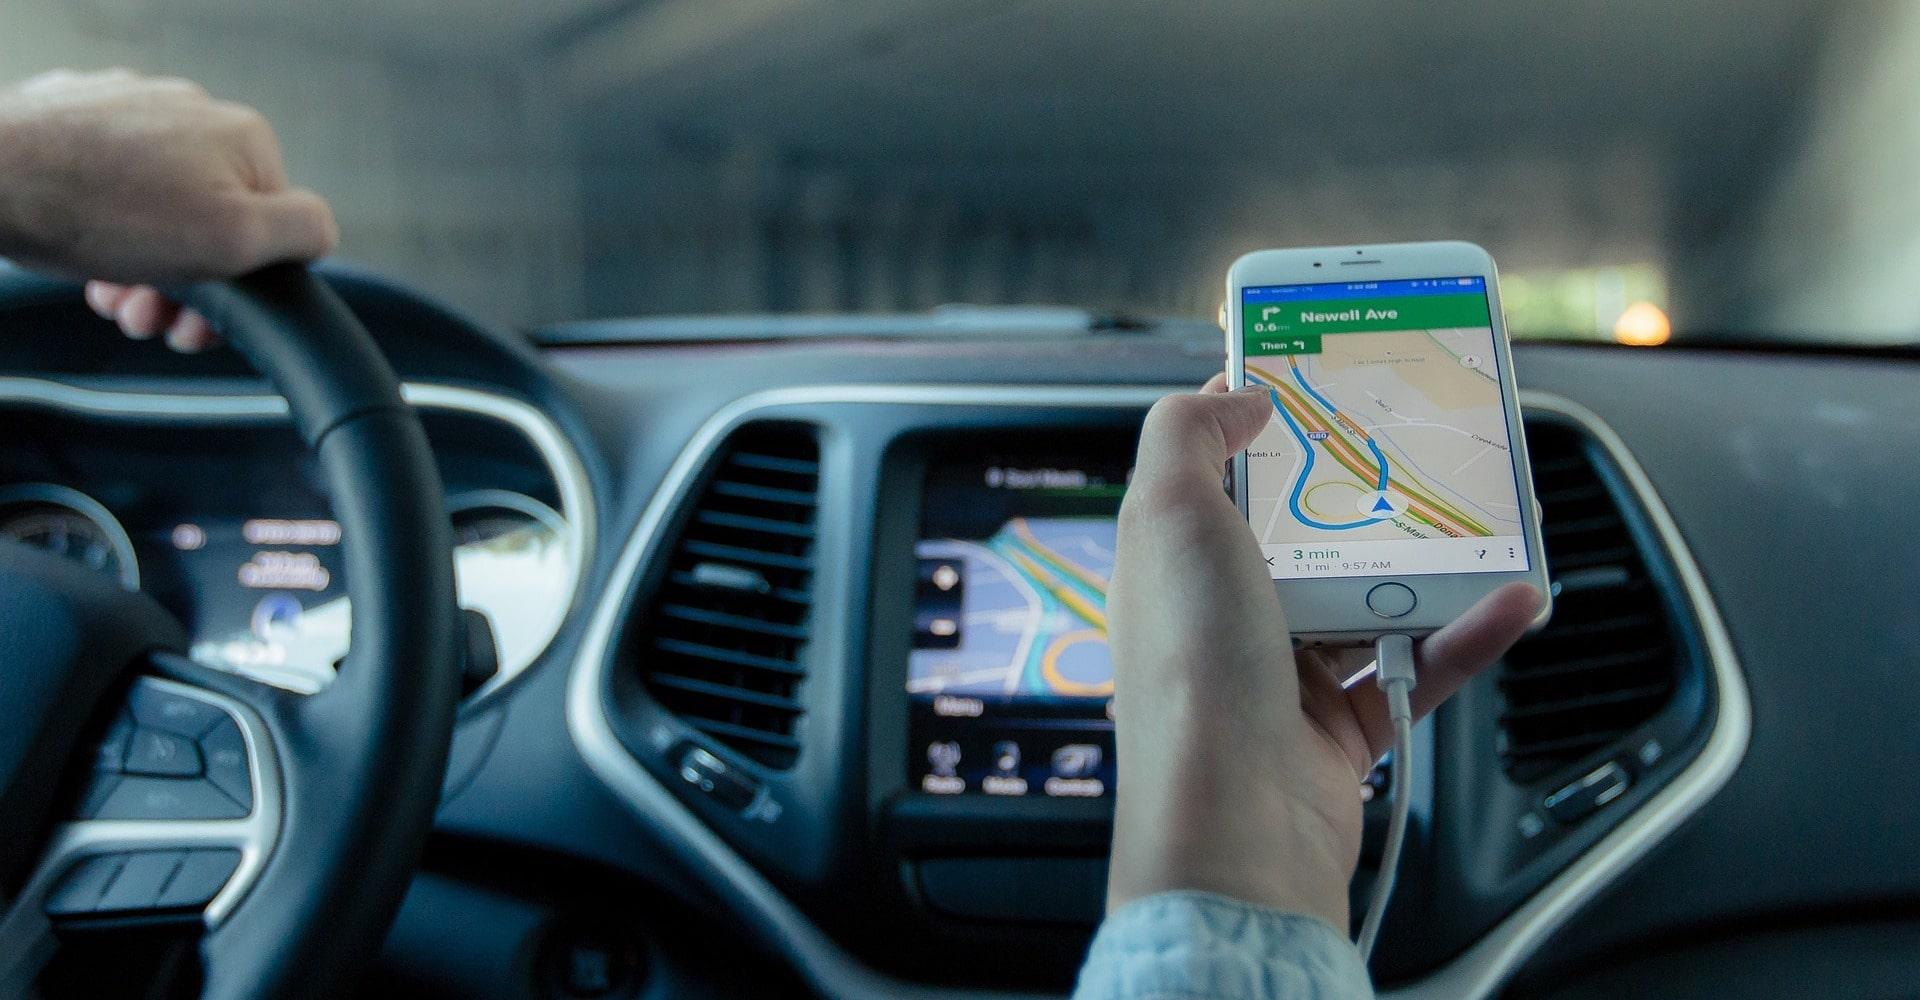 Guide pour choisir un support téléphone pour voiture